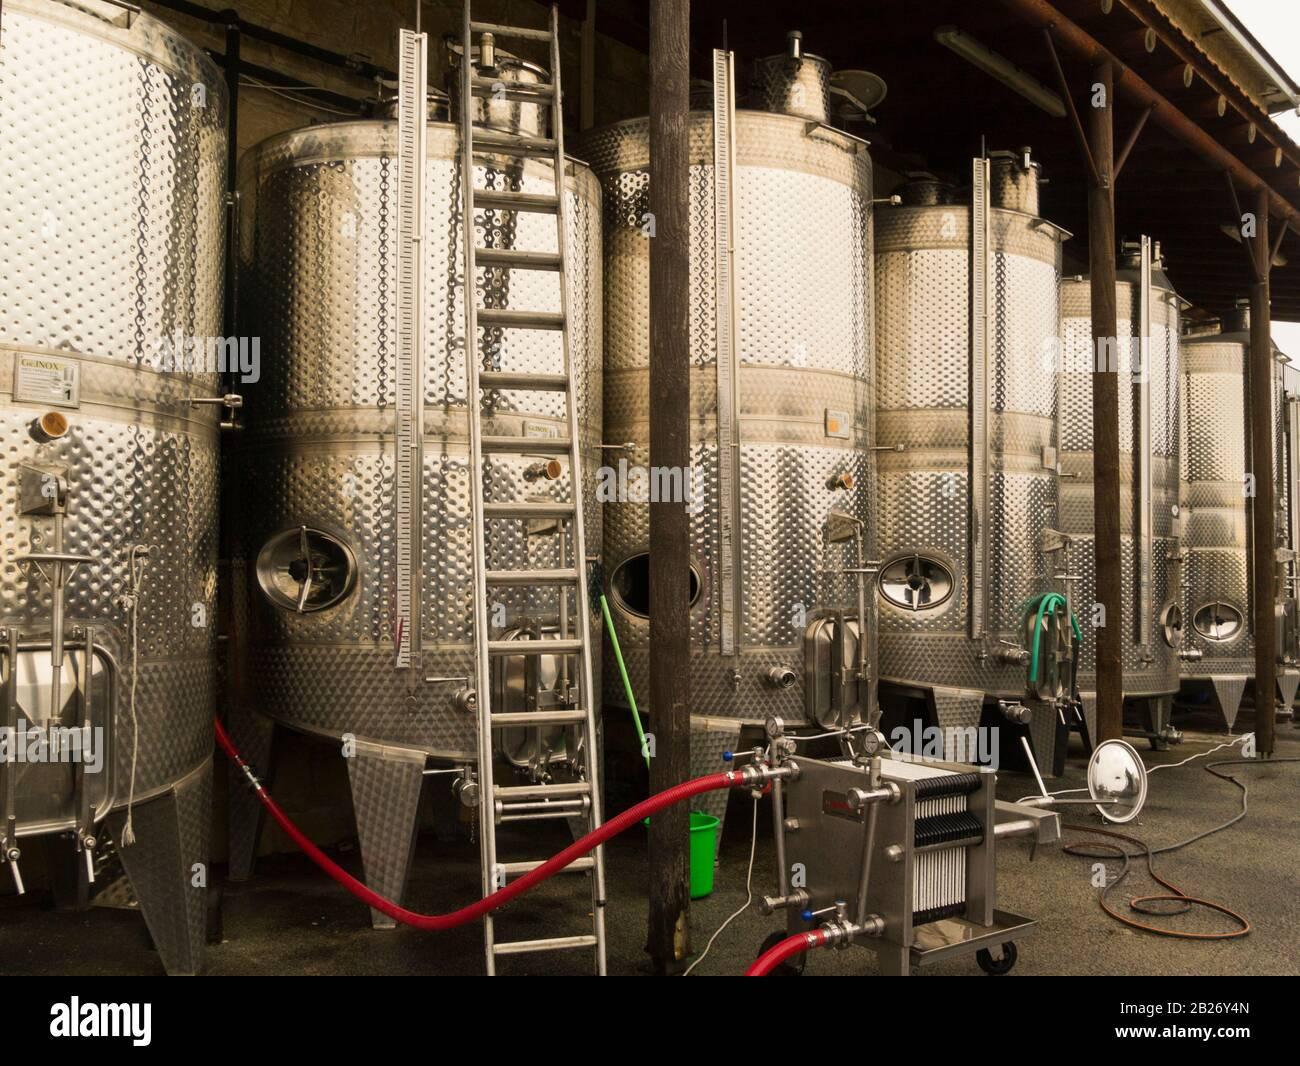 Vats de acero inoxidable que contienen vino fermentante en la bodega Ktima Gerolemo Omodos Cyprus productor de rosa blanca roja y blanco dulce y RE Foto de stock